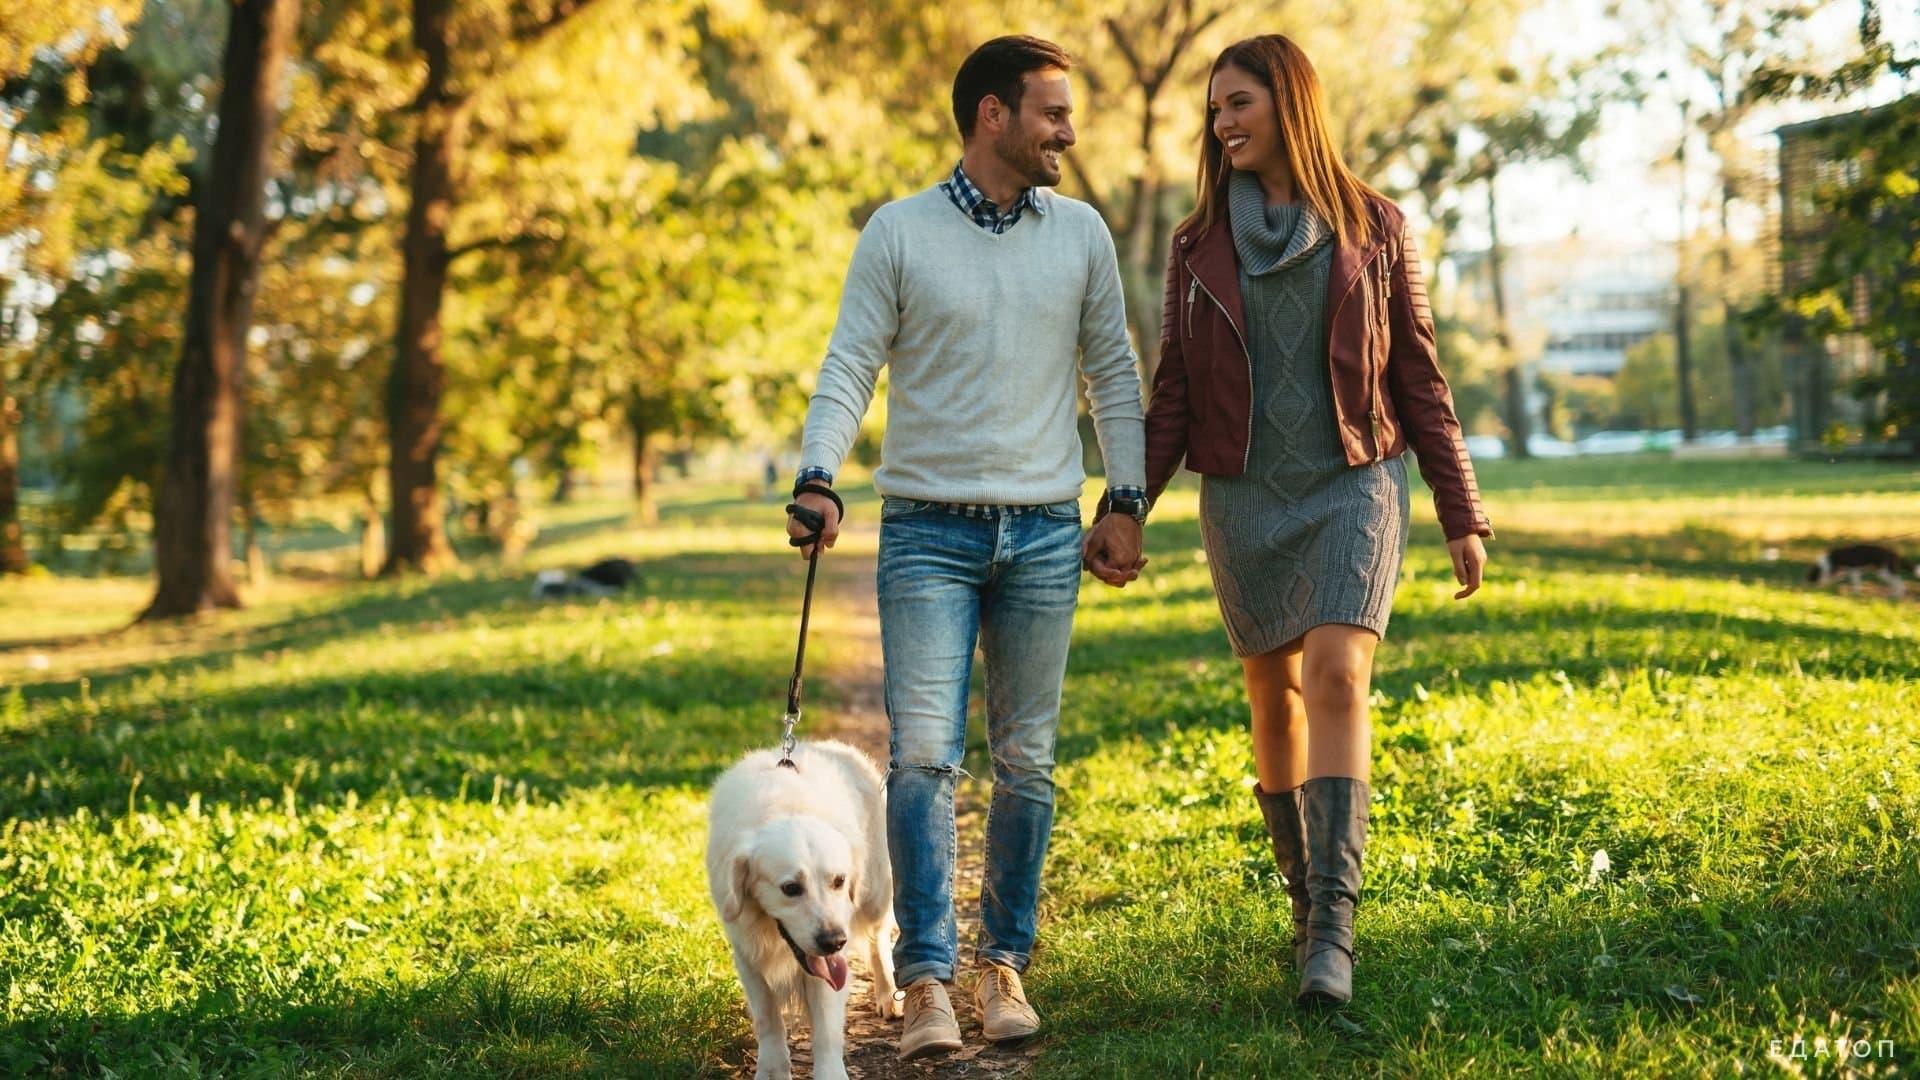 Пешие прогулки в осеннем парке благотворно сказываются на здоровье.